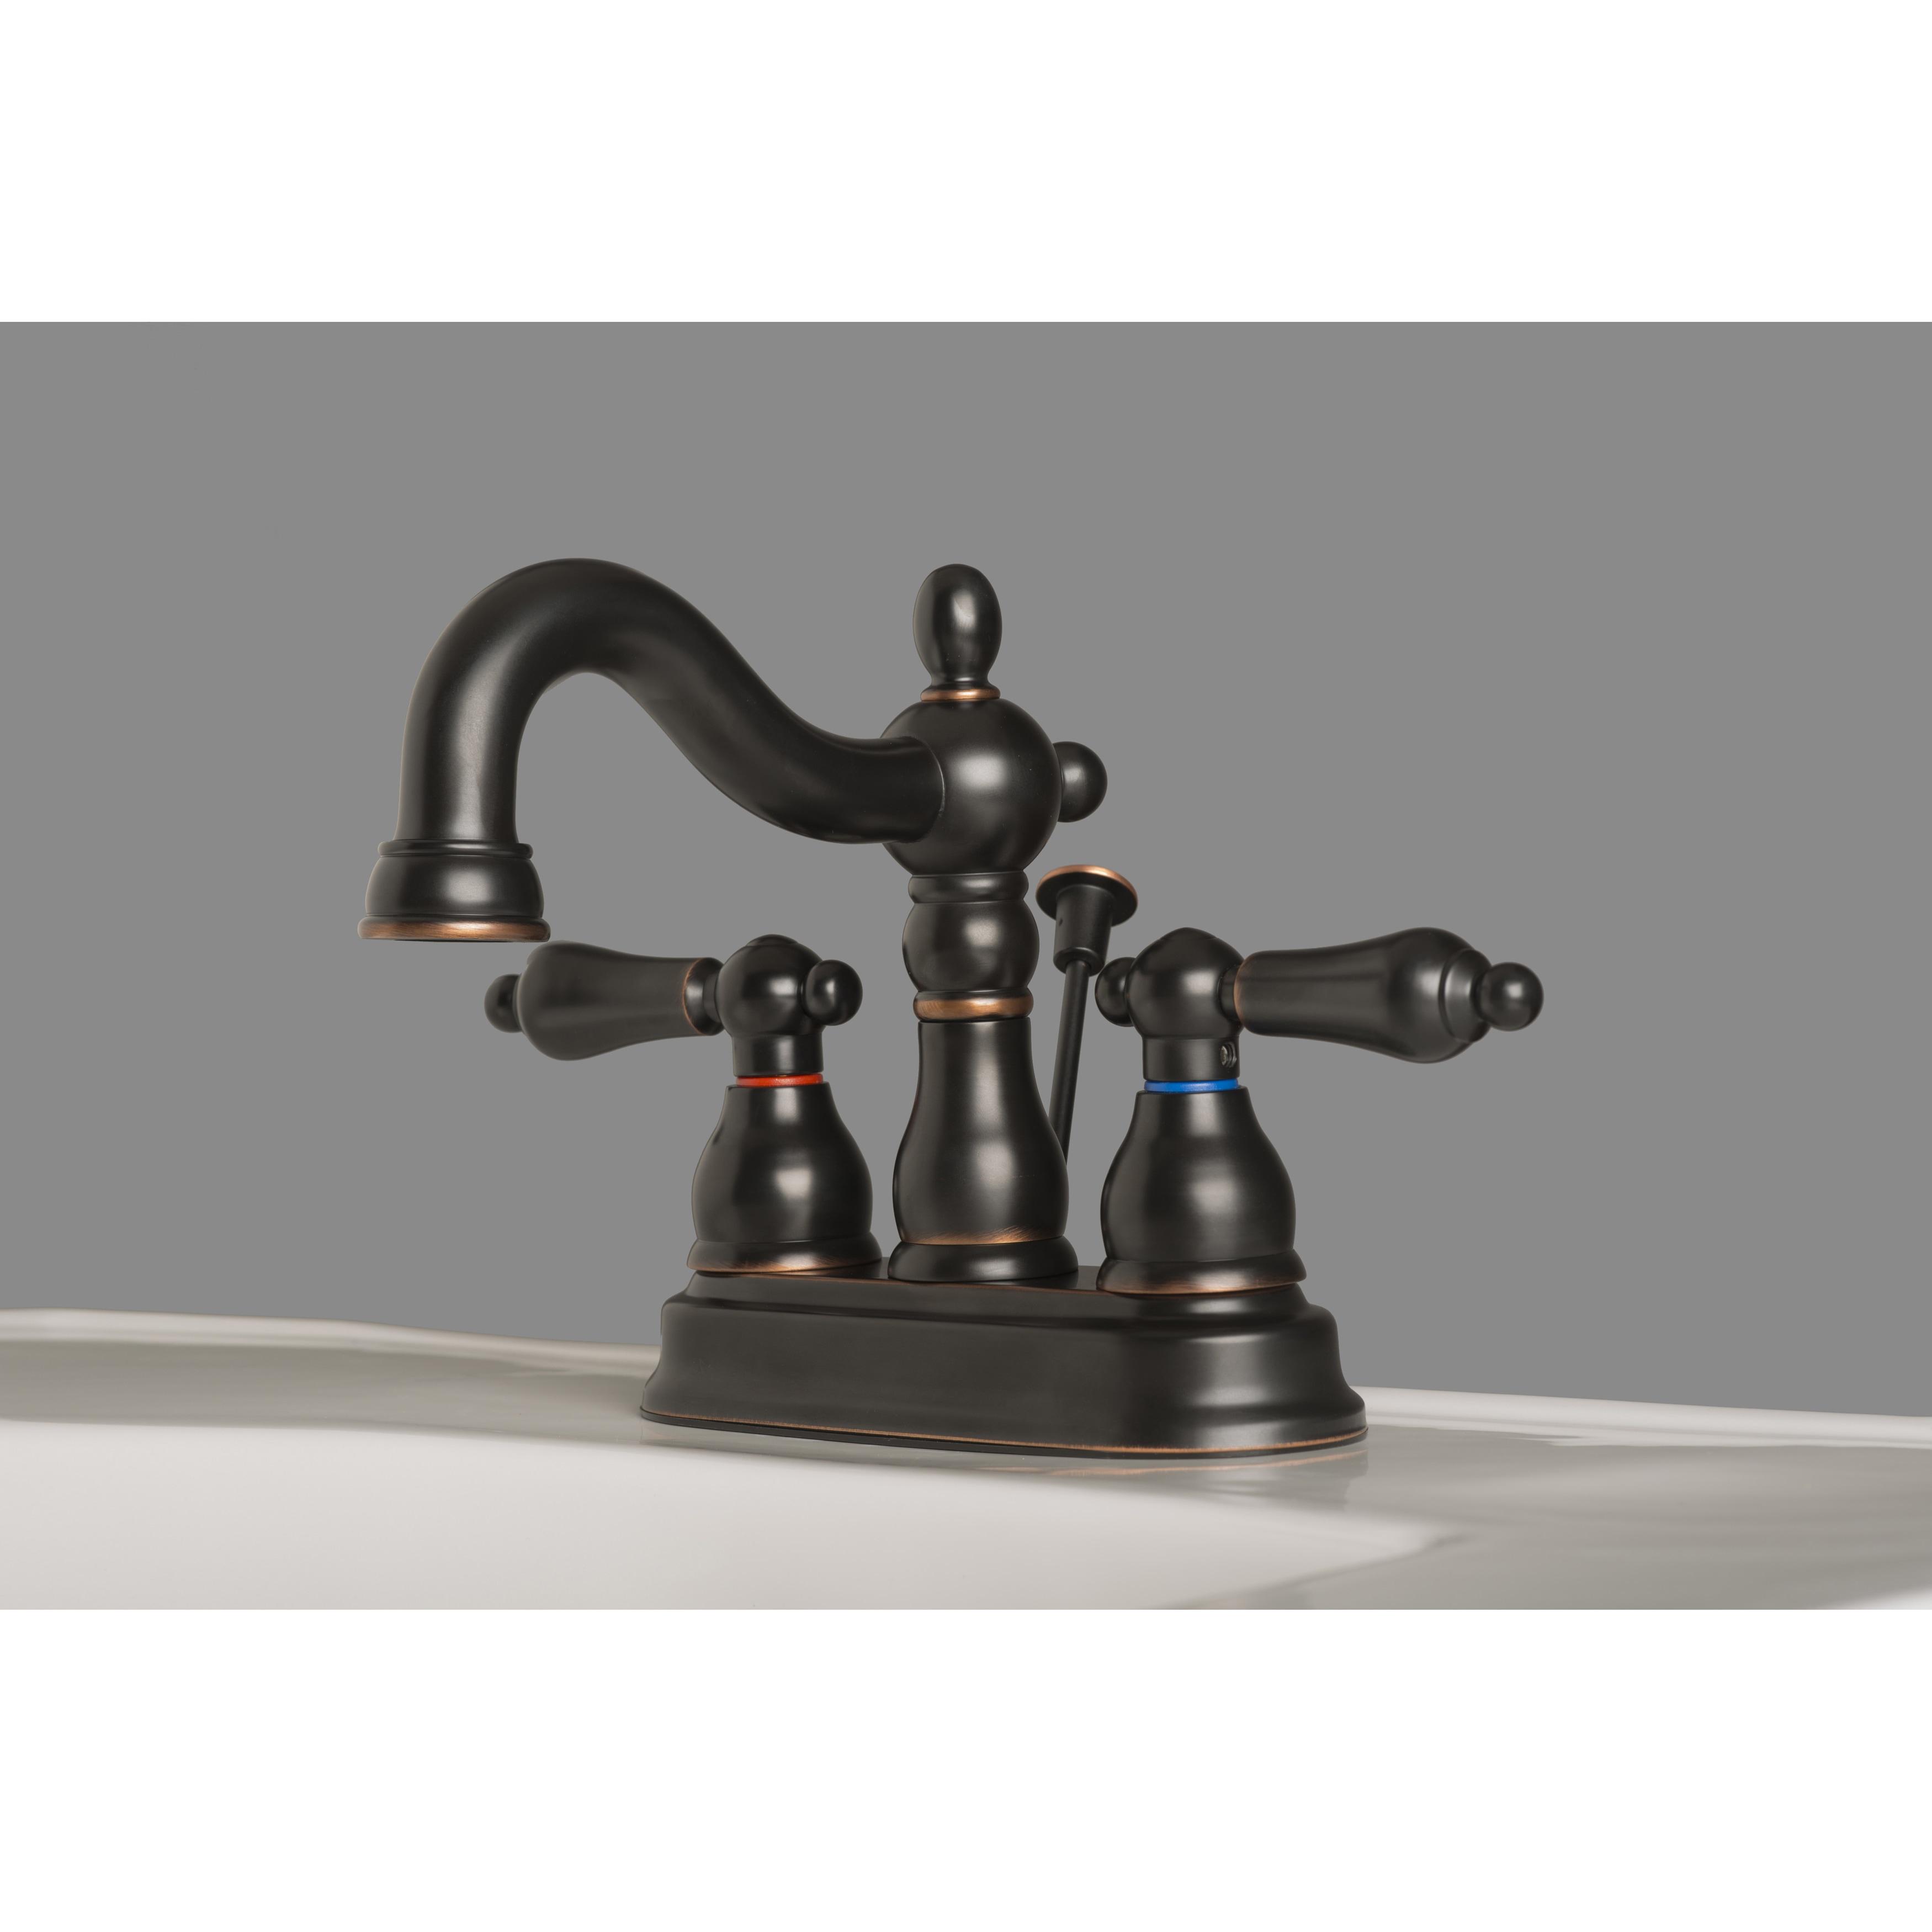 Builders Shoppe 2026 Classic Two Handle Centerset Lavatory Faucet ...